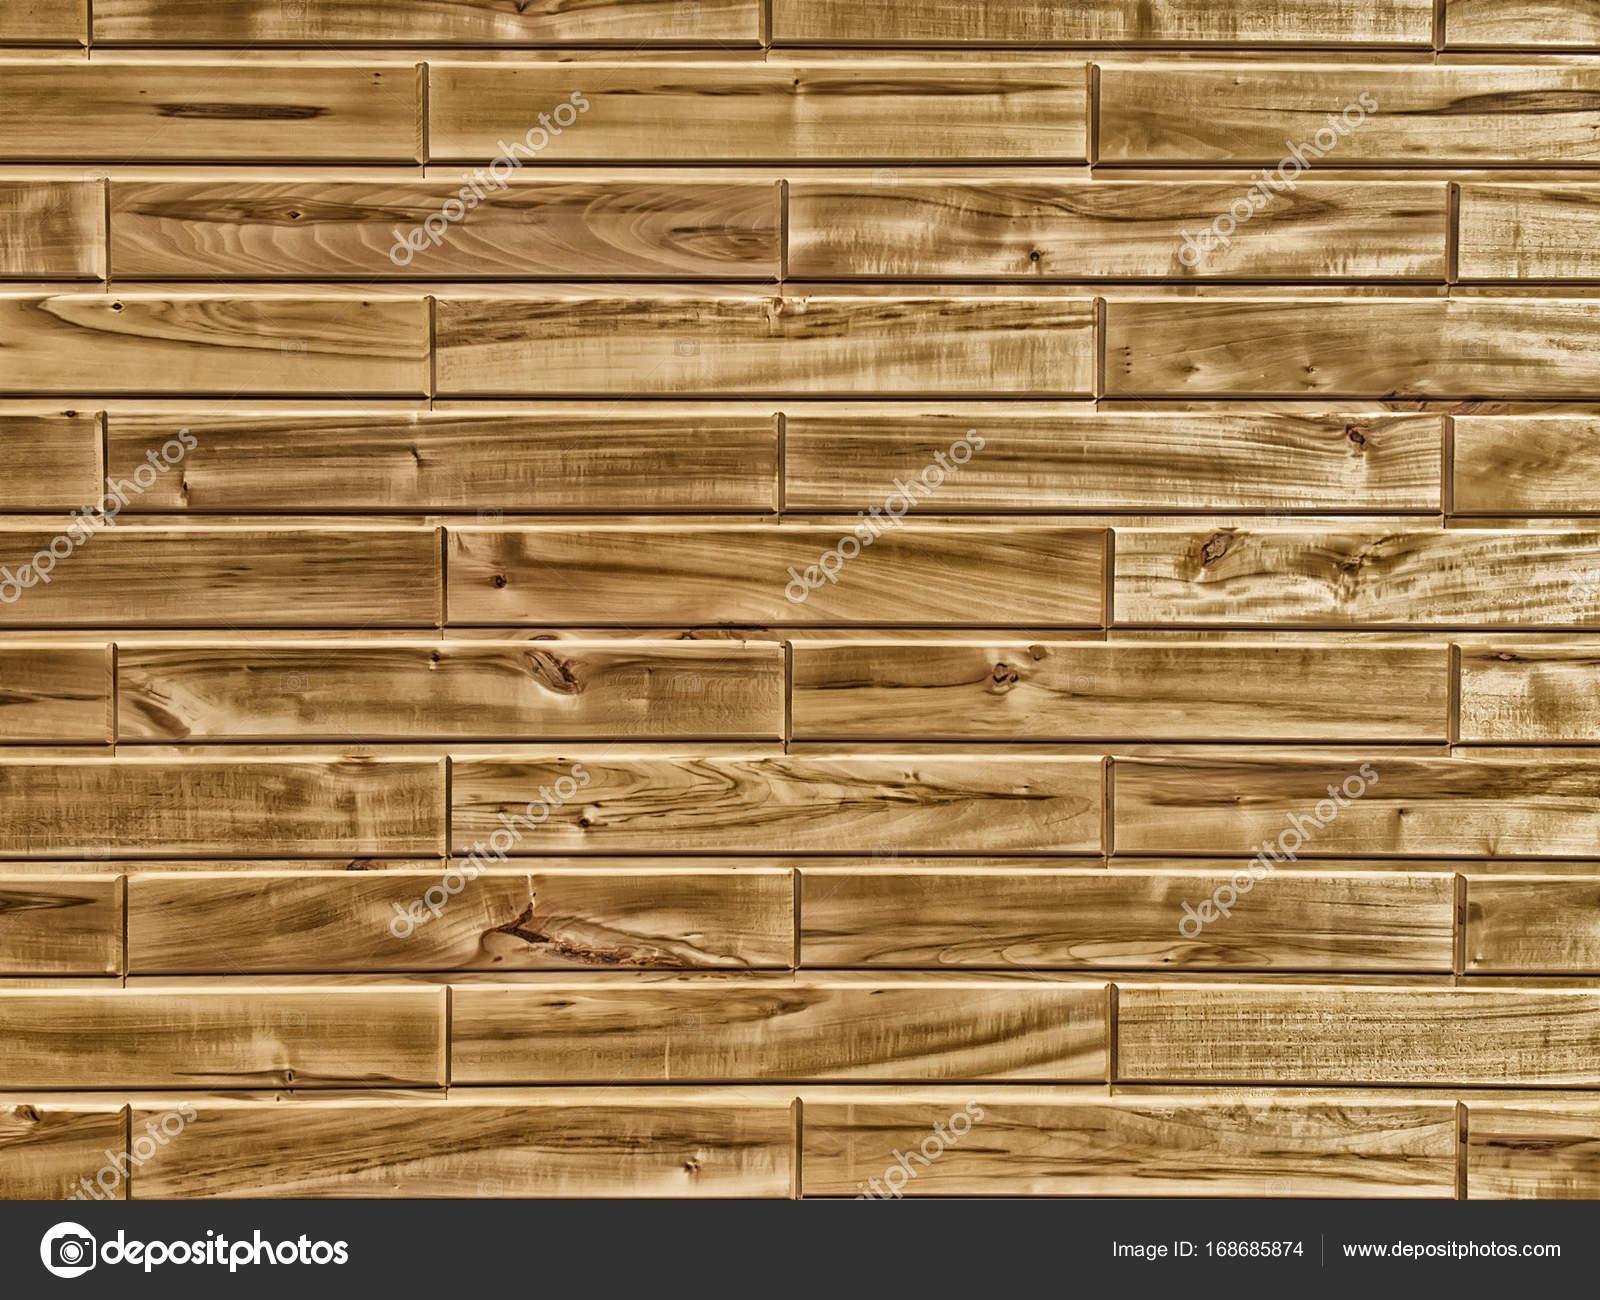 Dekorative Holz Hintergrund, Legen Sie Aus Verschiedenen ökologischen  Rechteck Fliesen Holzoptik, Alt Braun Plank, Natürliche Farbe.